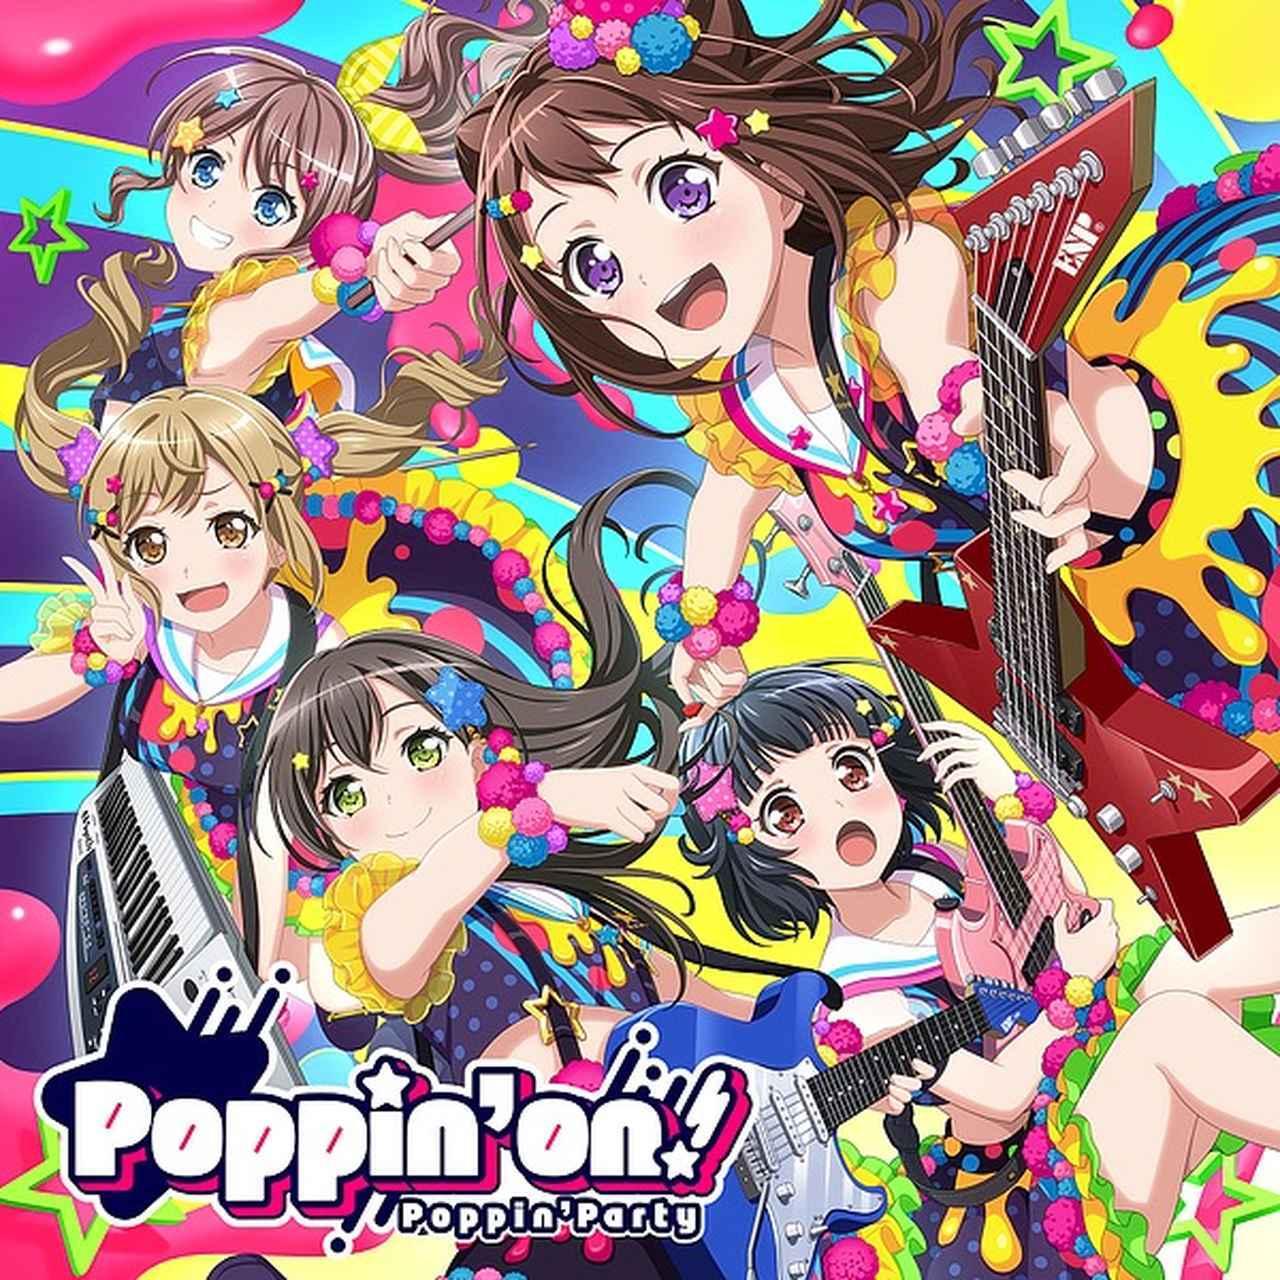 画像: Poppin'on!/Poppin'Party